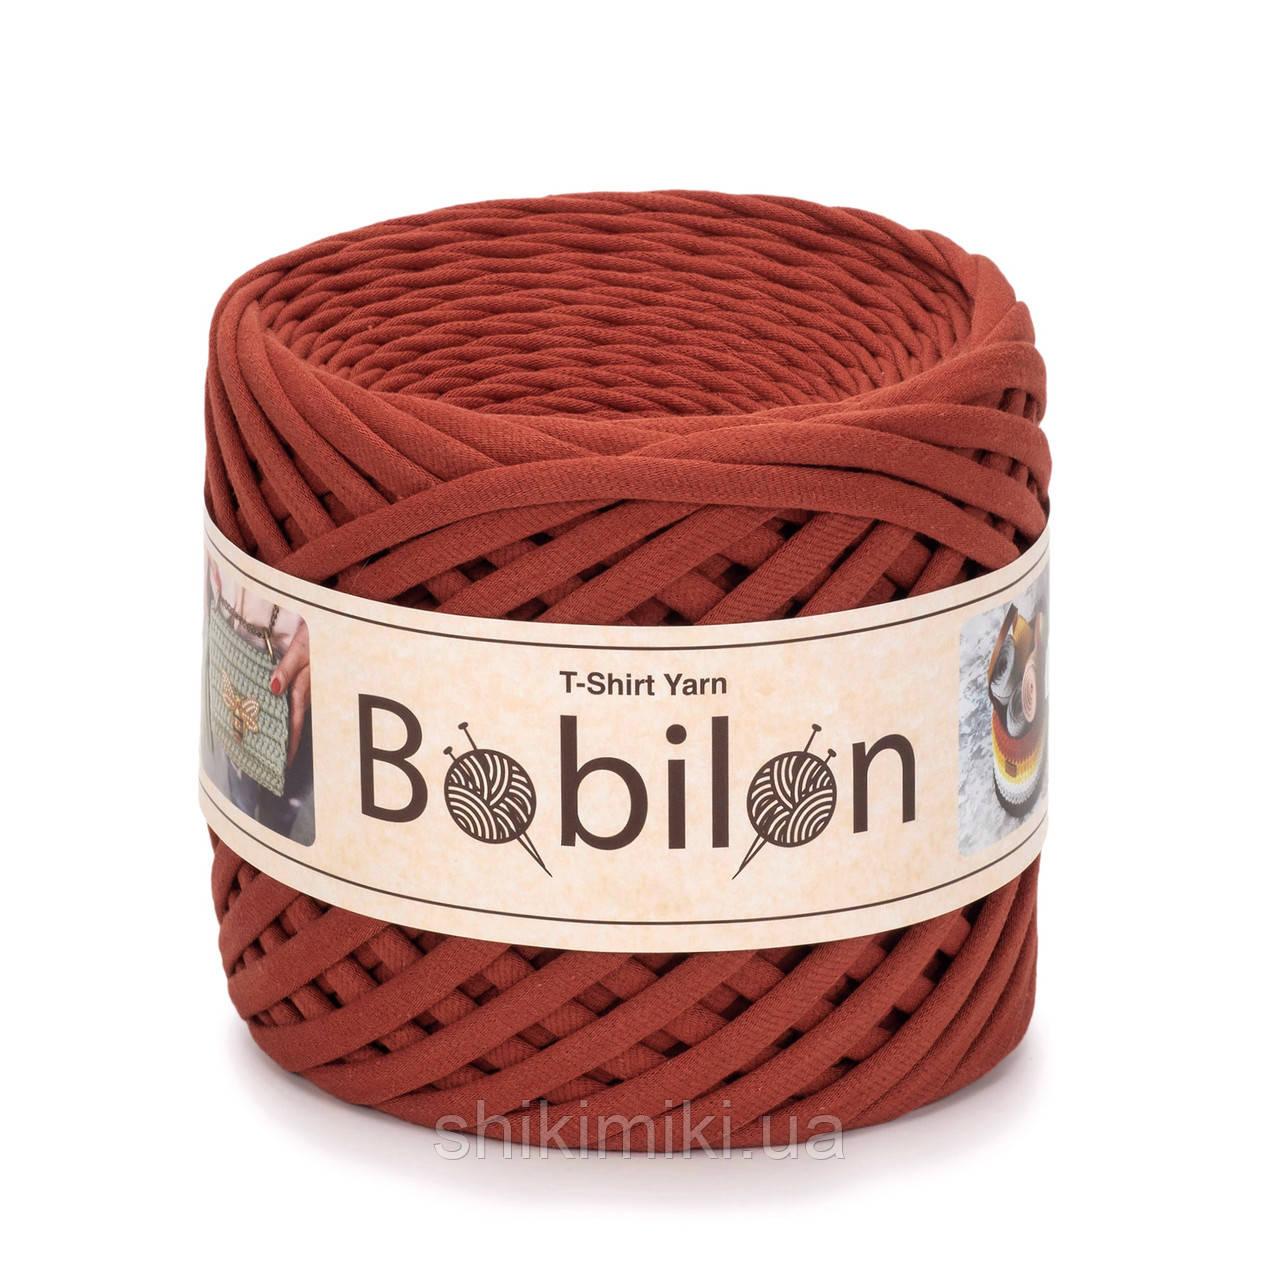 Трикотажная пряжа Bobilon (5-7 мм), цвет Терракотовый